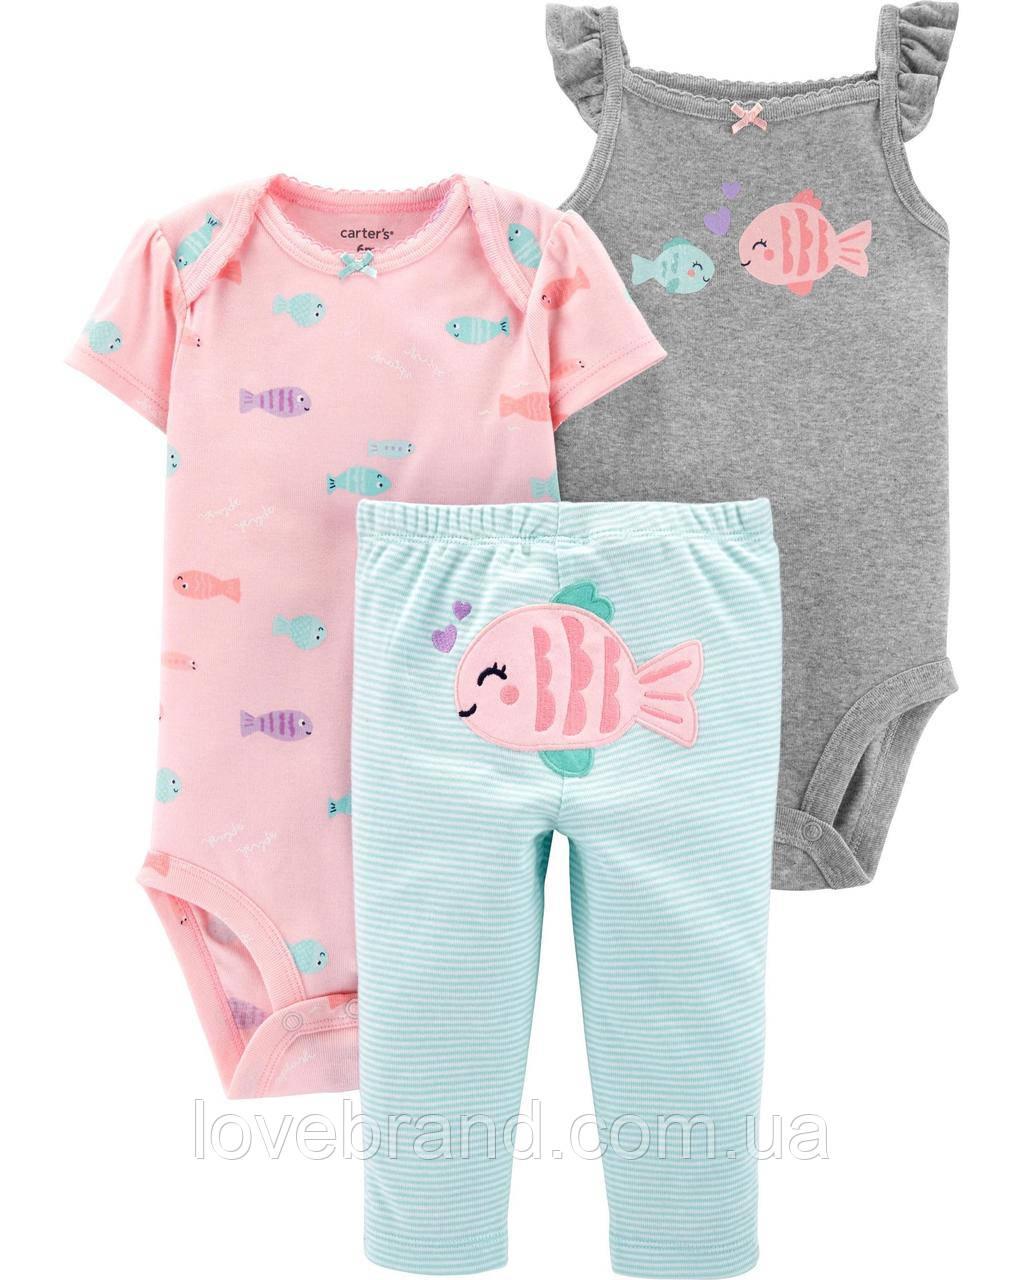 """Комплект для девочки Carter's(США) """"Рыбка"""" боди футболка + боди на бретельки + лосинки, веселые попки картерс"""